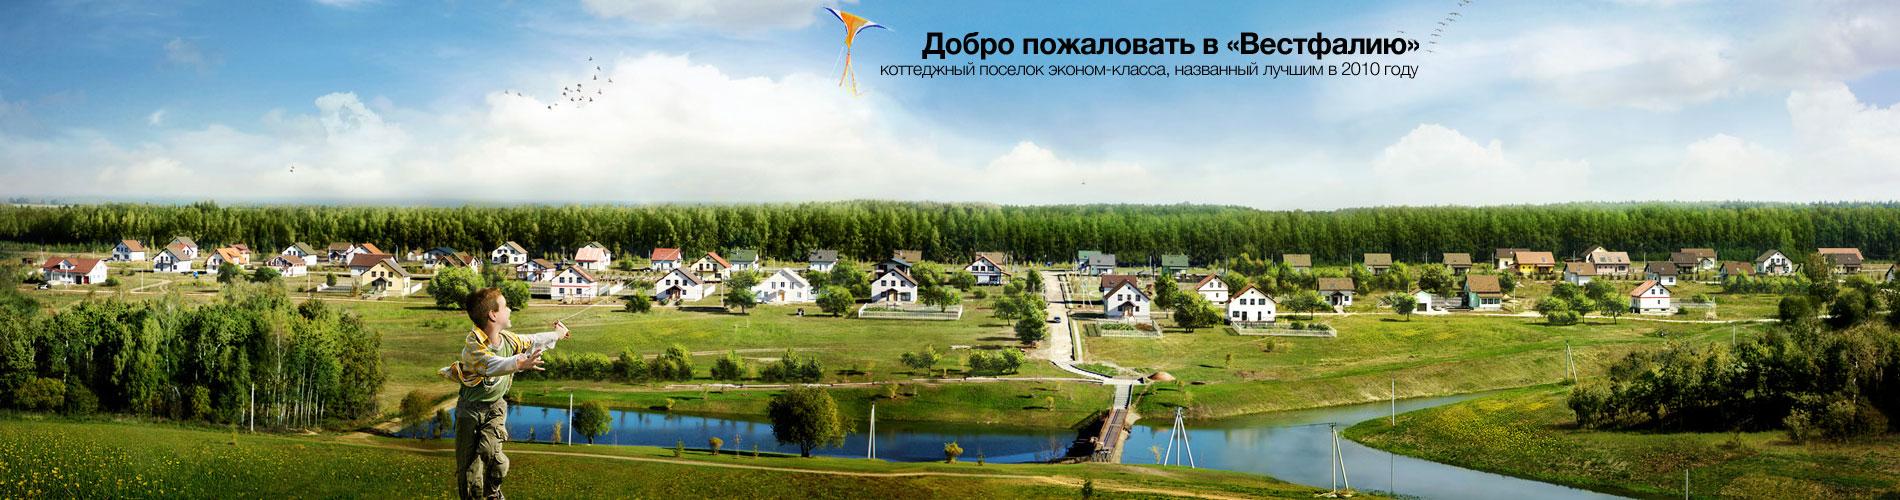 Коттеджный поселок на Новорязанском шоссе